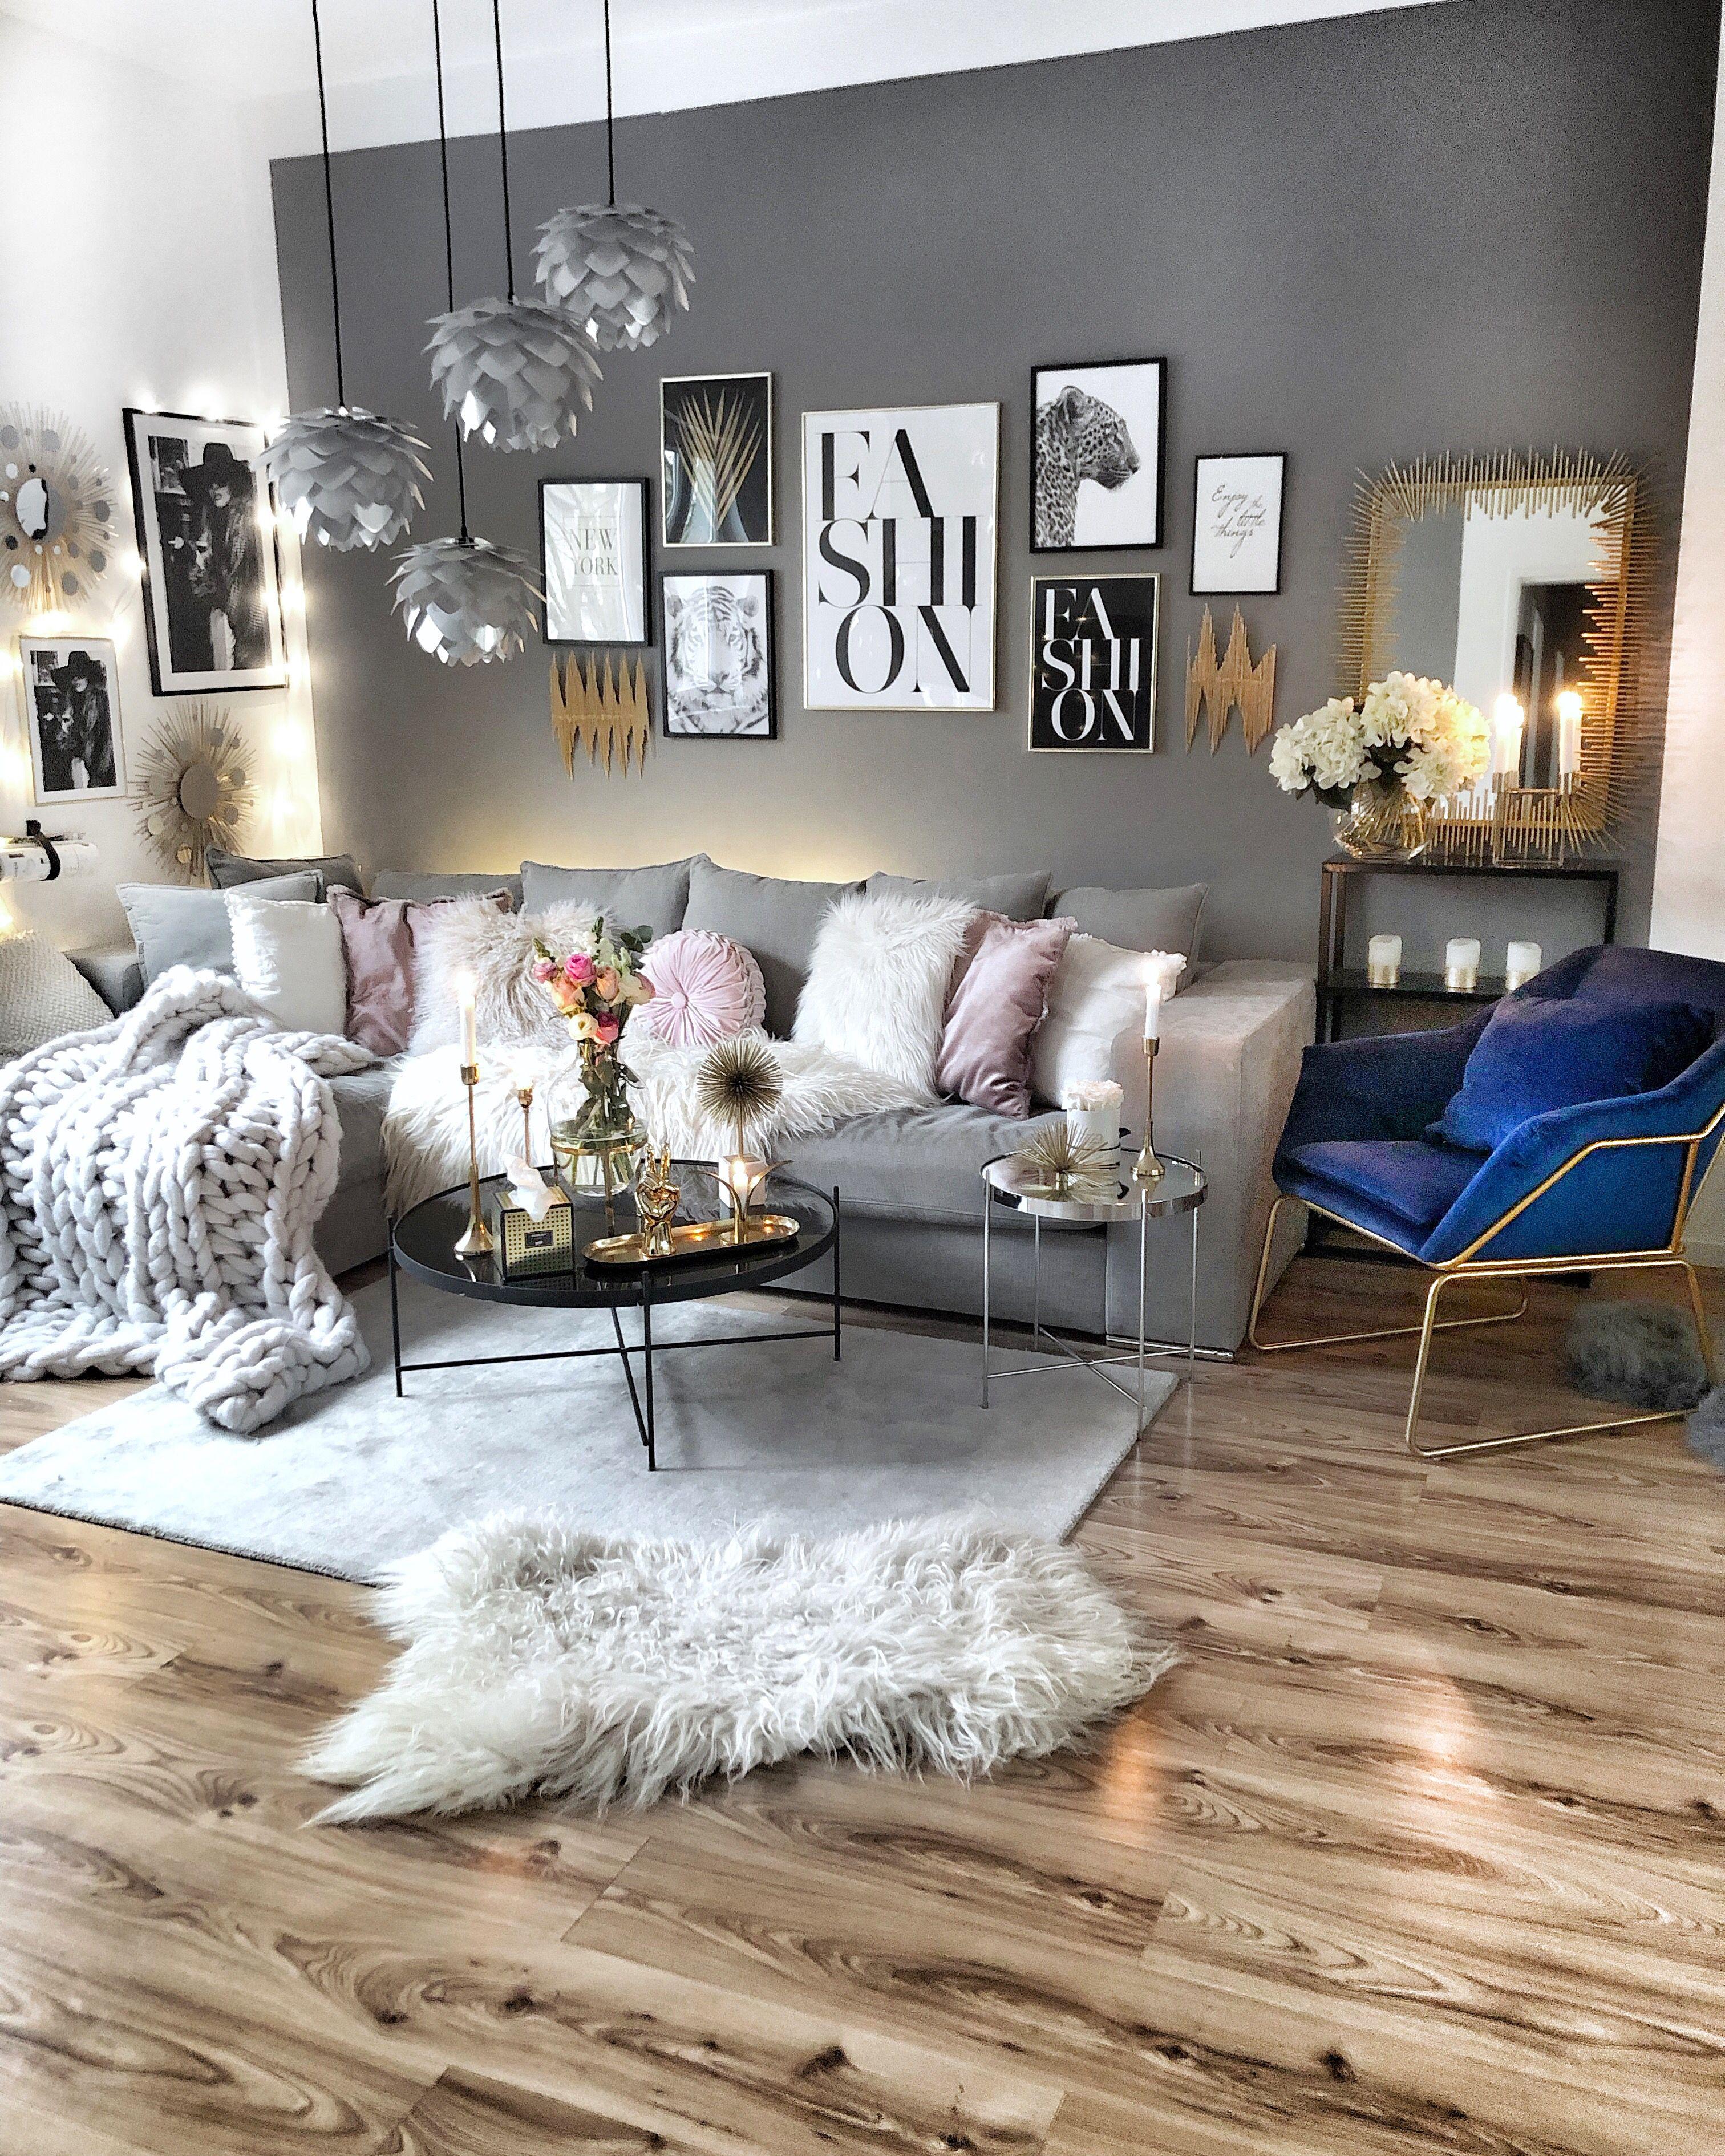 Zimmer Grau Blau: #Wohnzimmer #einrichtung #einrichtungsidee #gemütlich